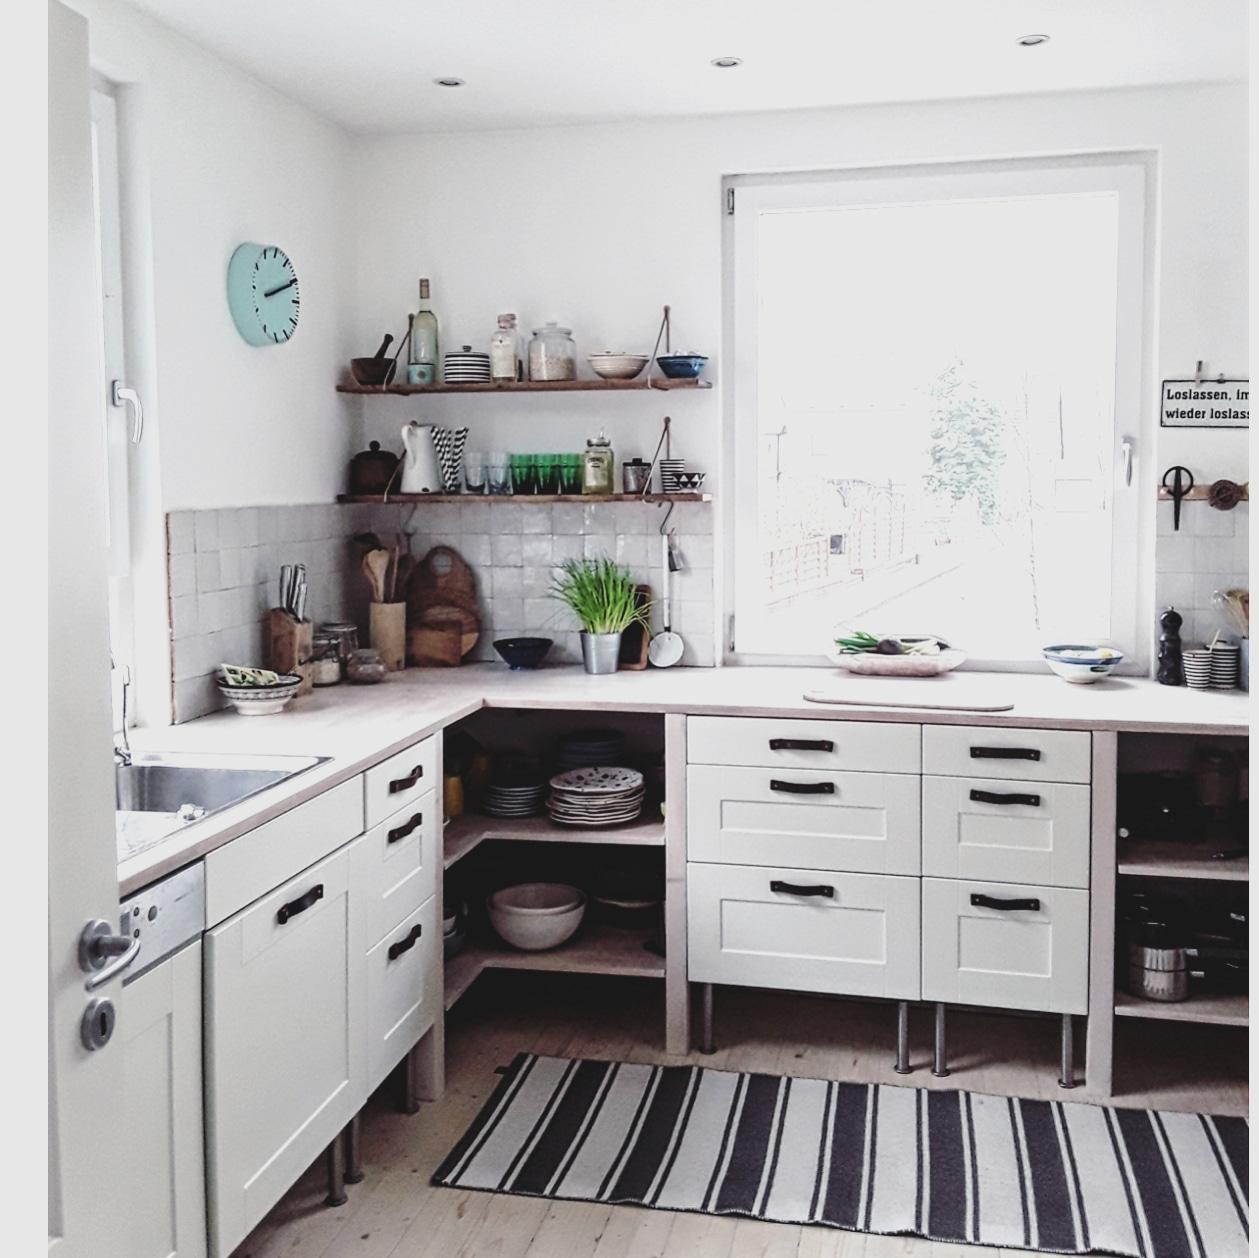 Offene Kuche Ideen So Schon Konnen Wohnkuchen Sein